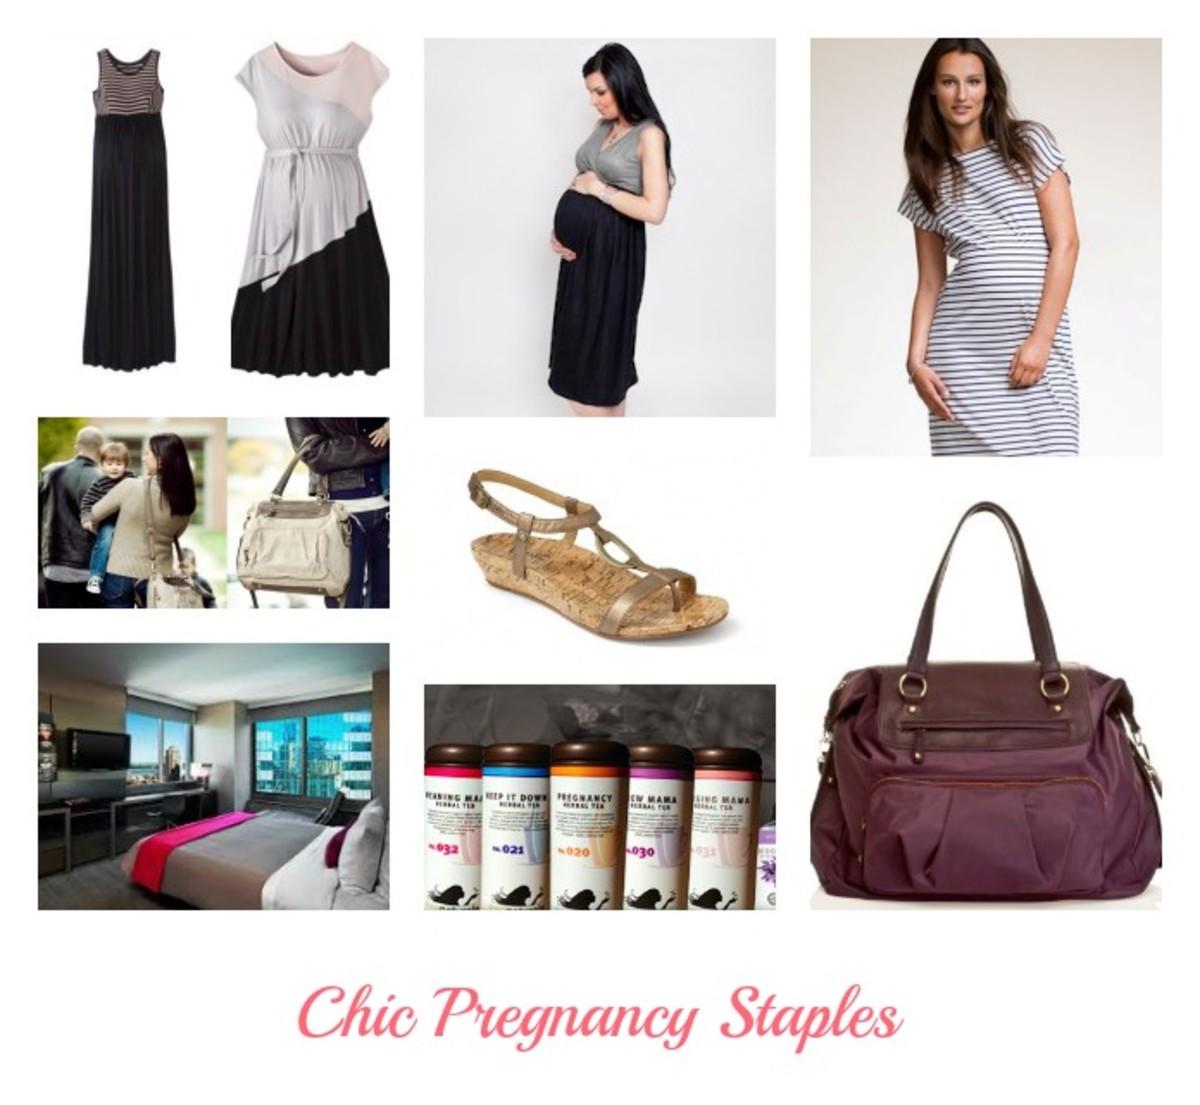 Chic Pregnancy Staples.jpg.jpg